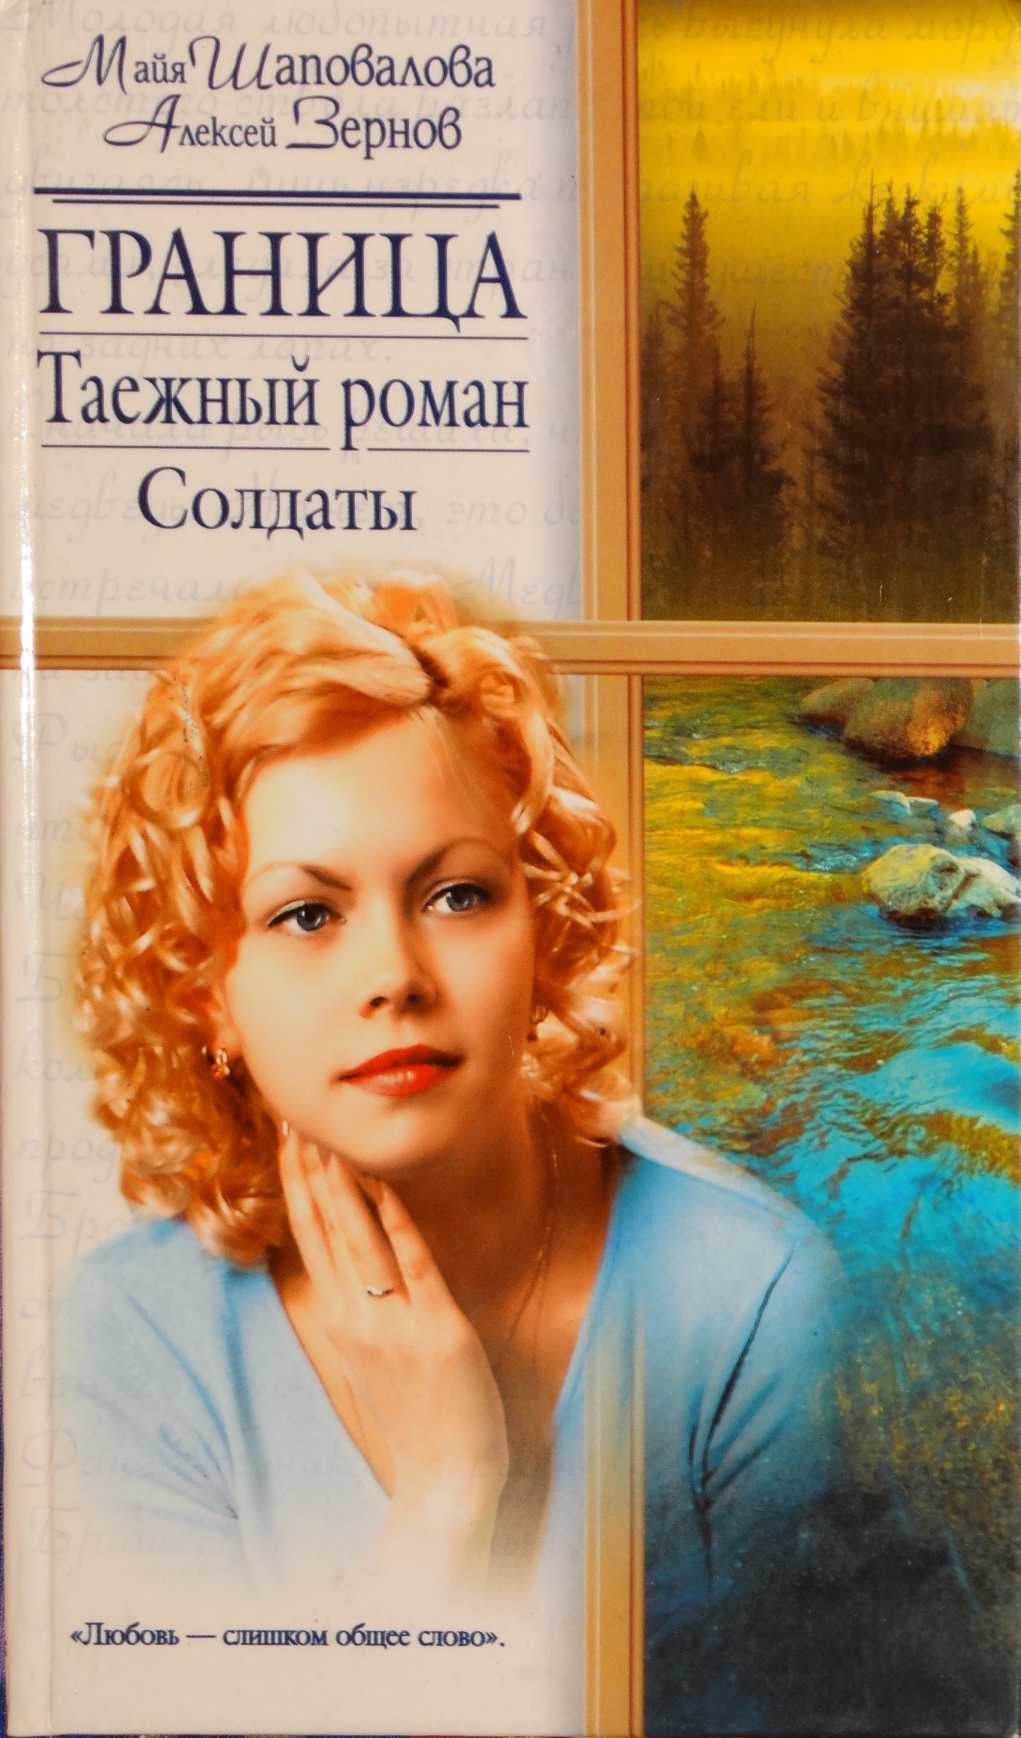 Скачать книгу бесплатно в формате fb2 романы